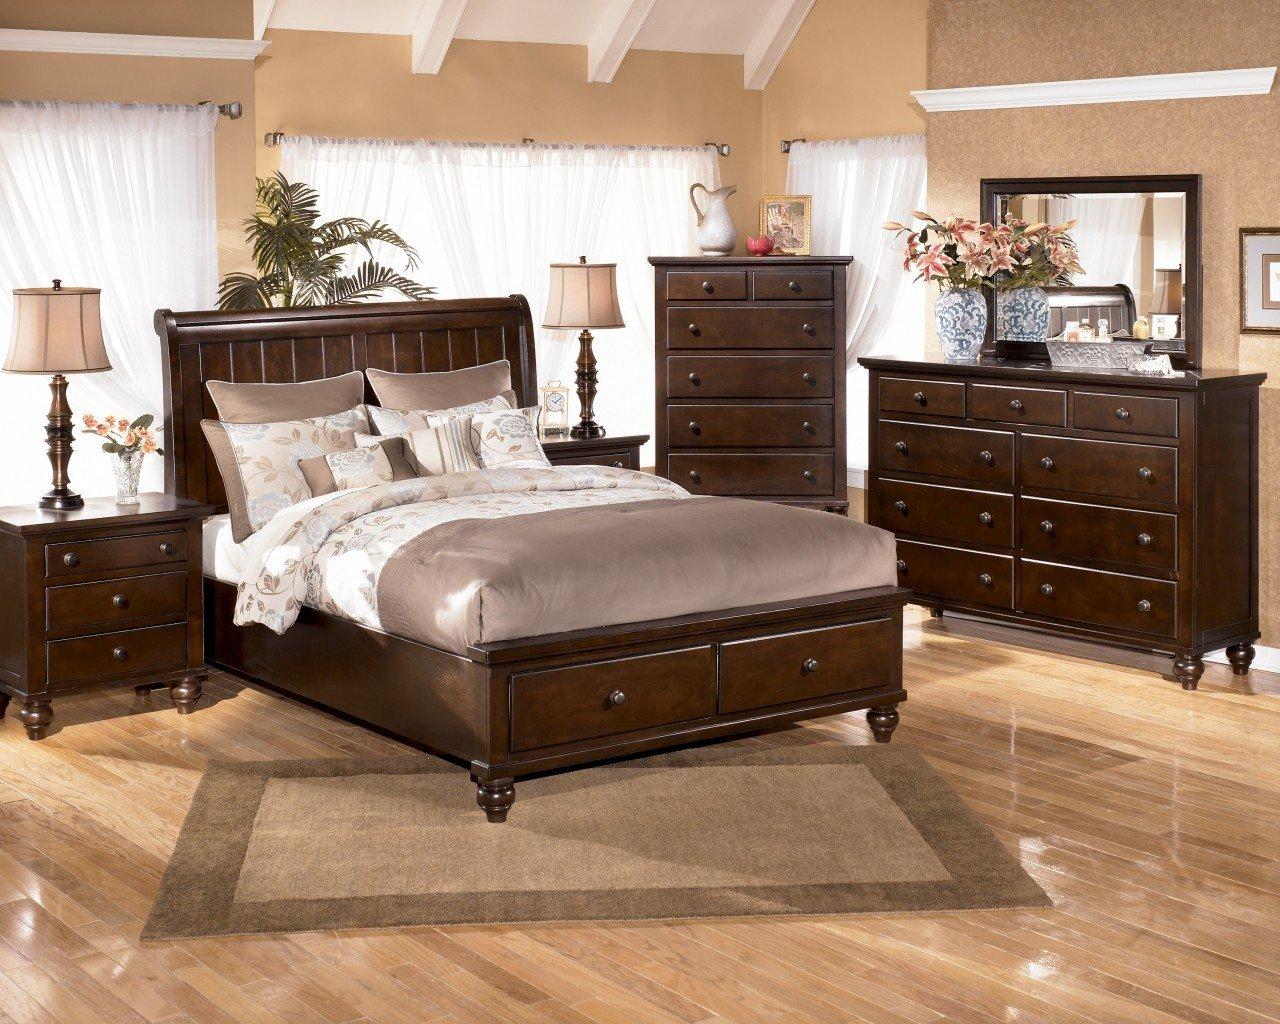 King bedroom furniture sets under 1000 home furniture design - Bedroom furniture sets under 1000 ...